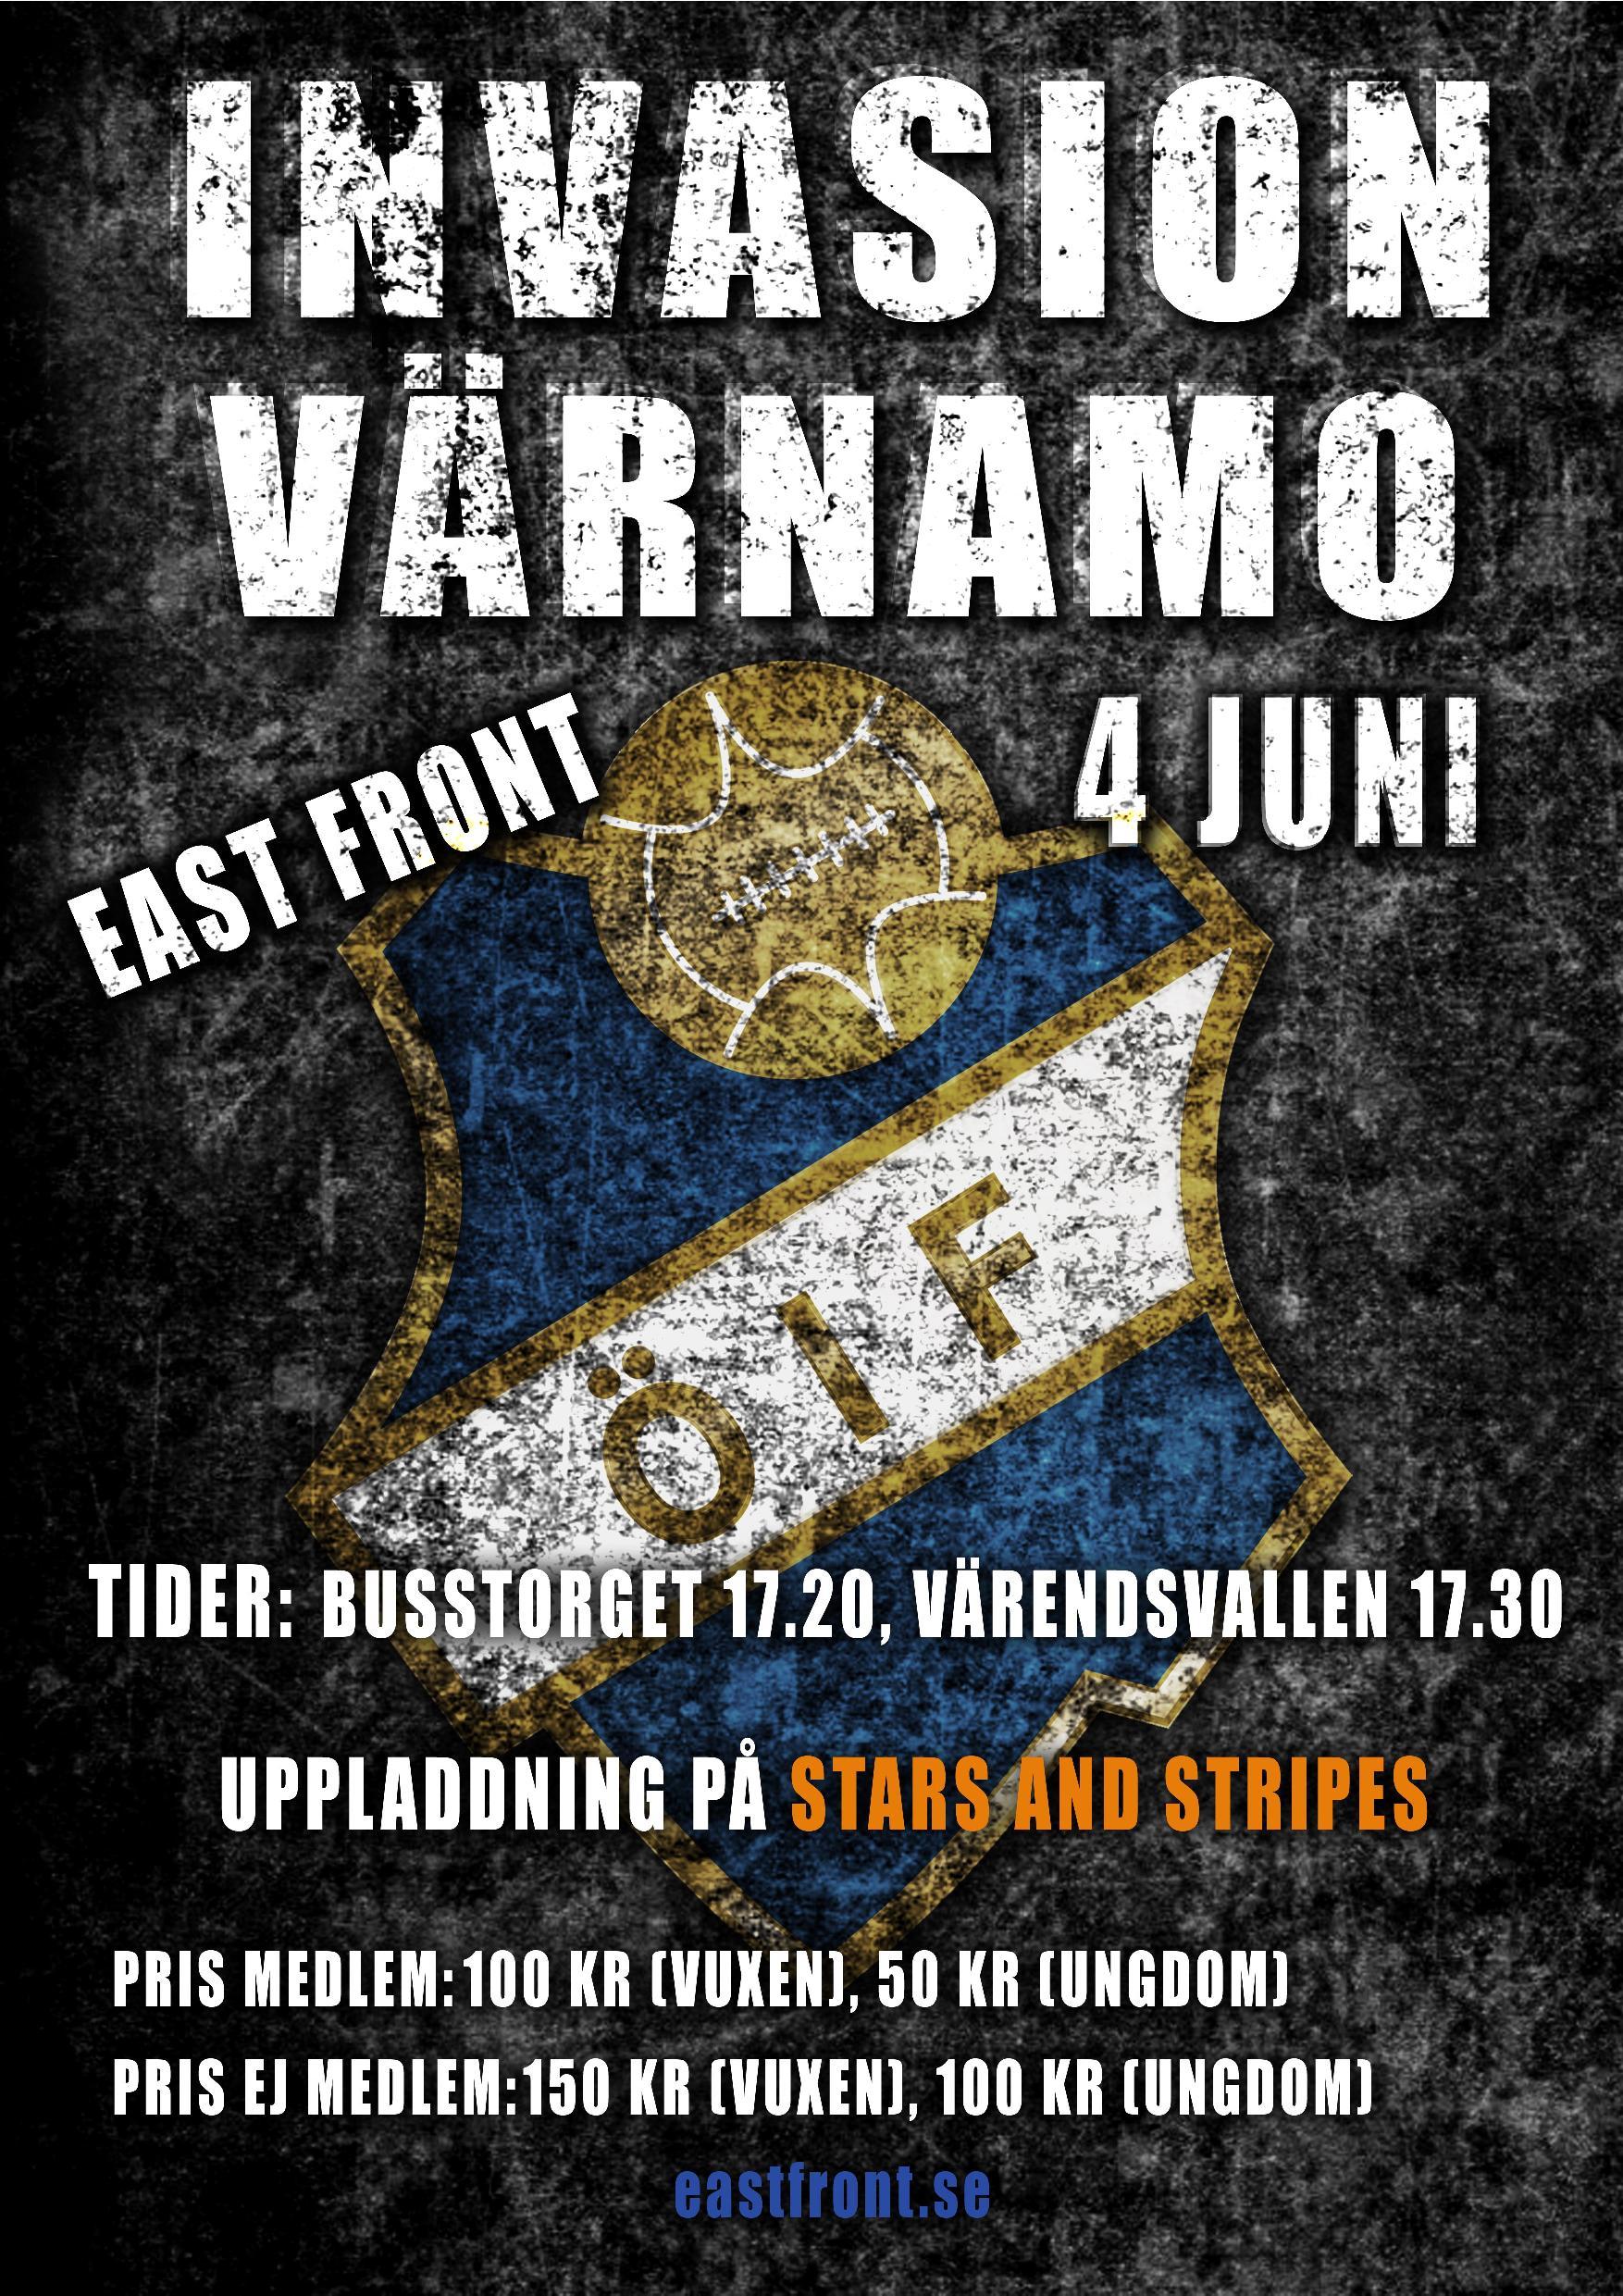 Affisch skapad av Erik Varde